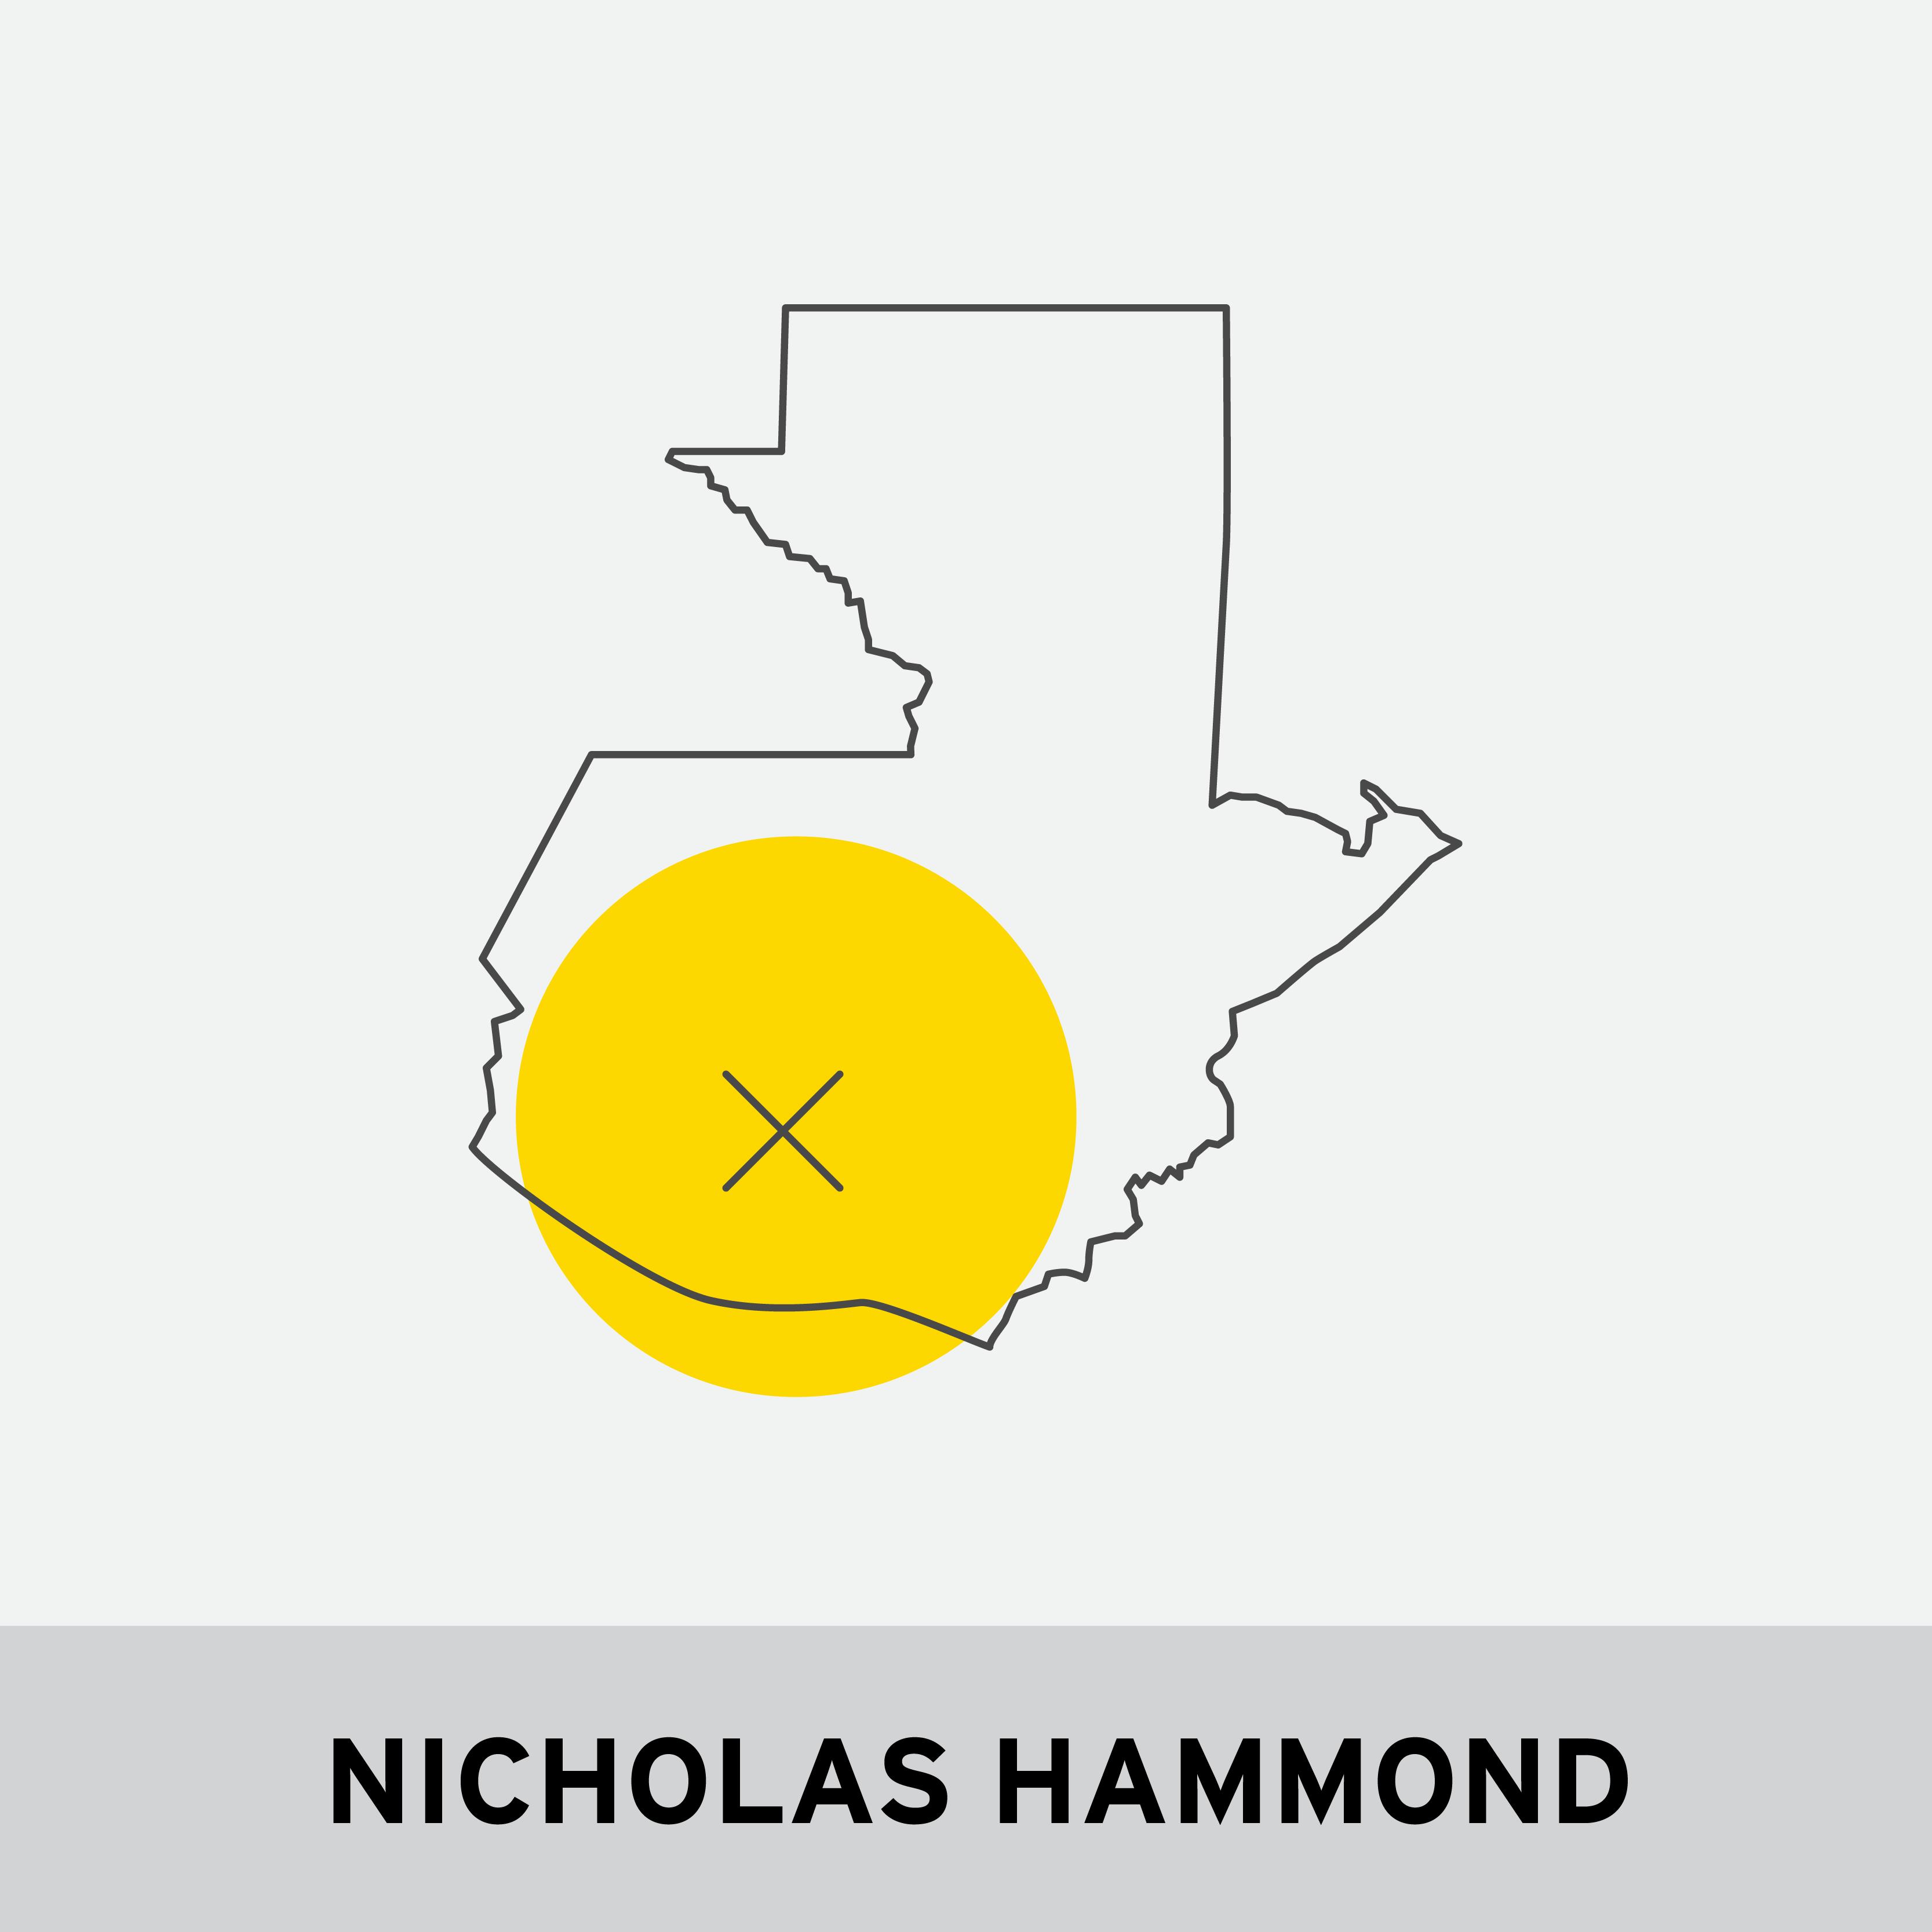 NICHOLAS HAMMOND – CATALAN DE LAS MERCEDES